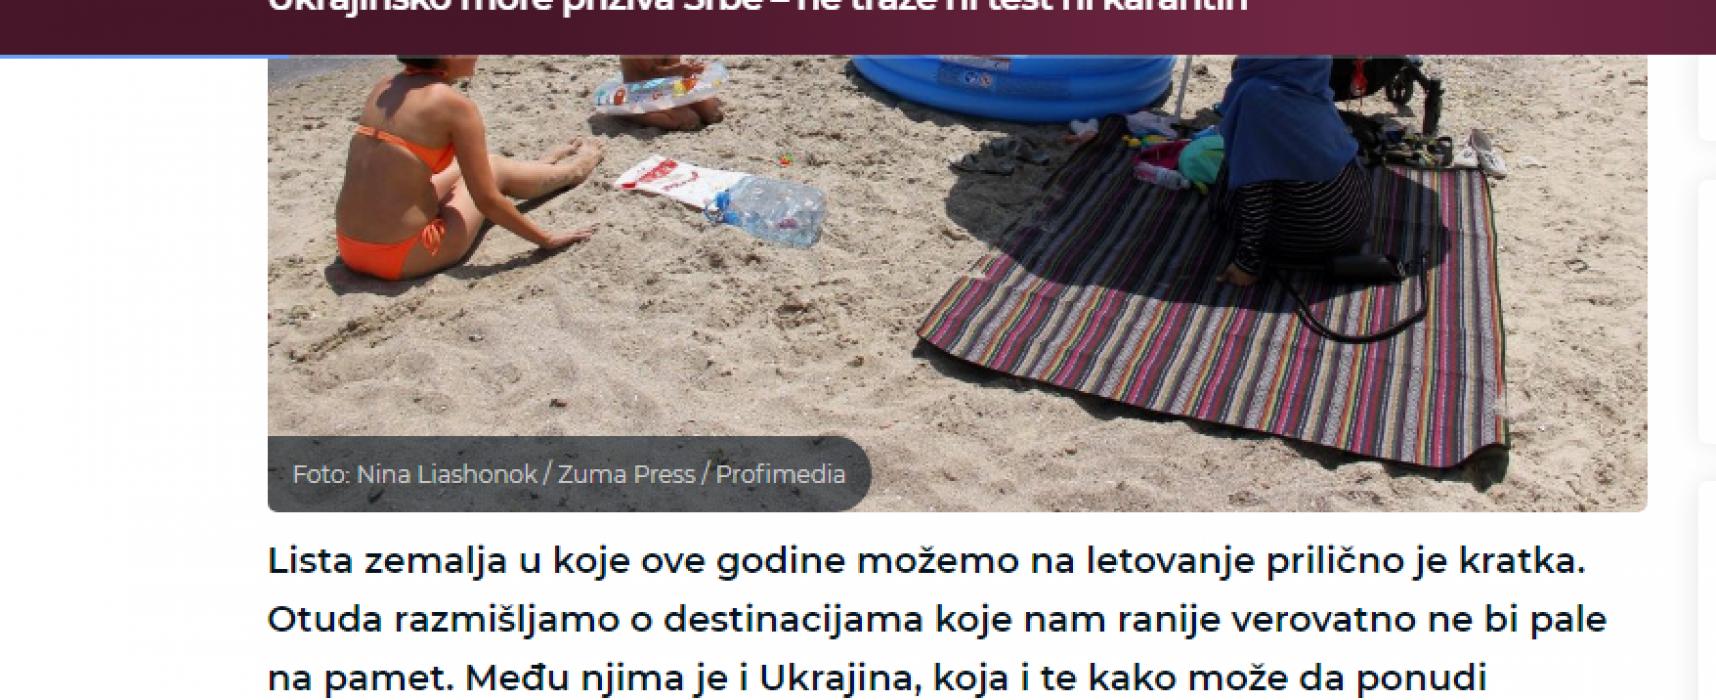 Lažna vest: Za letovanje u Ukrajini Srbima nije potreban ni test ni karantin